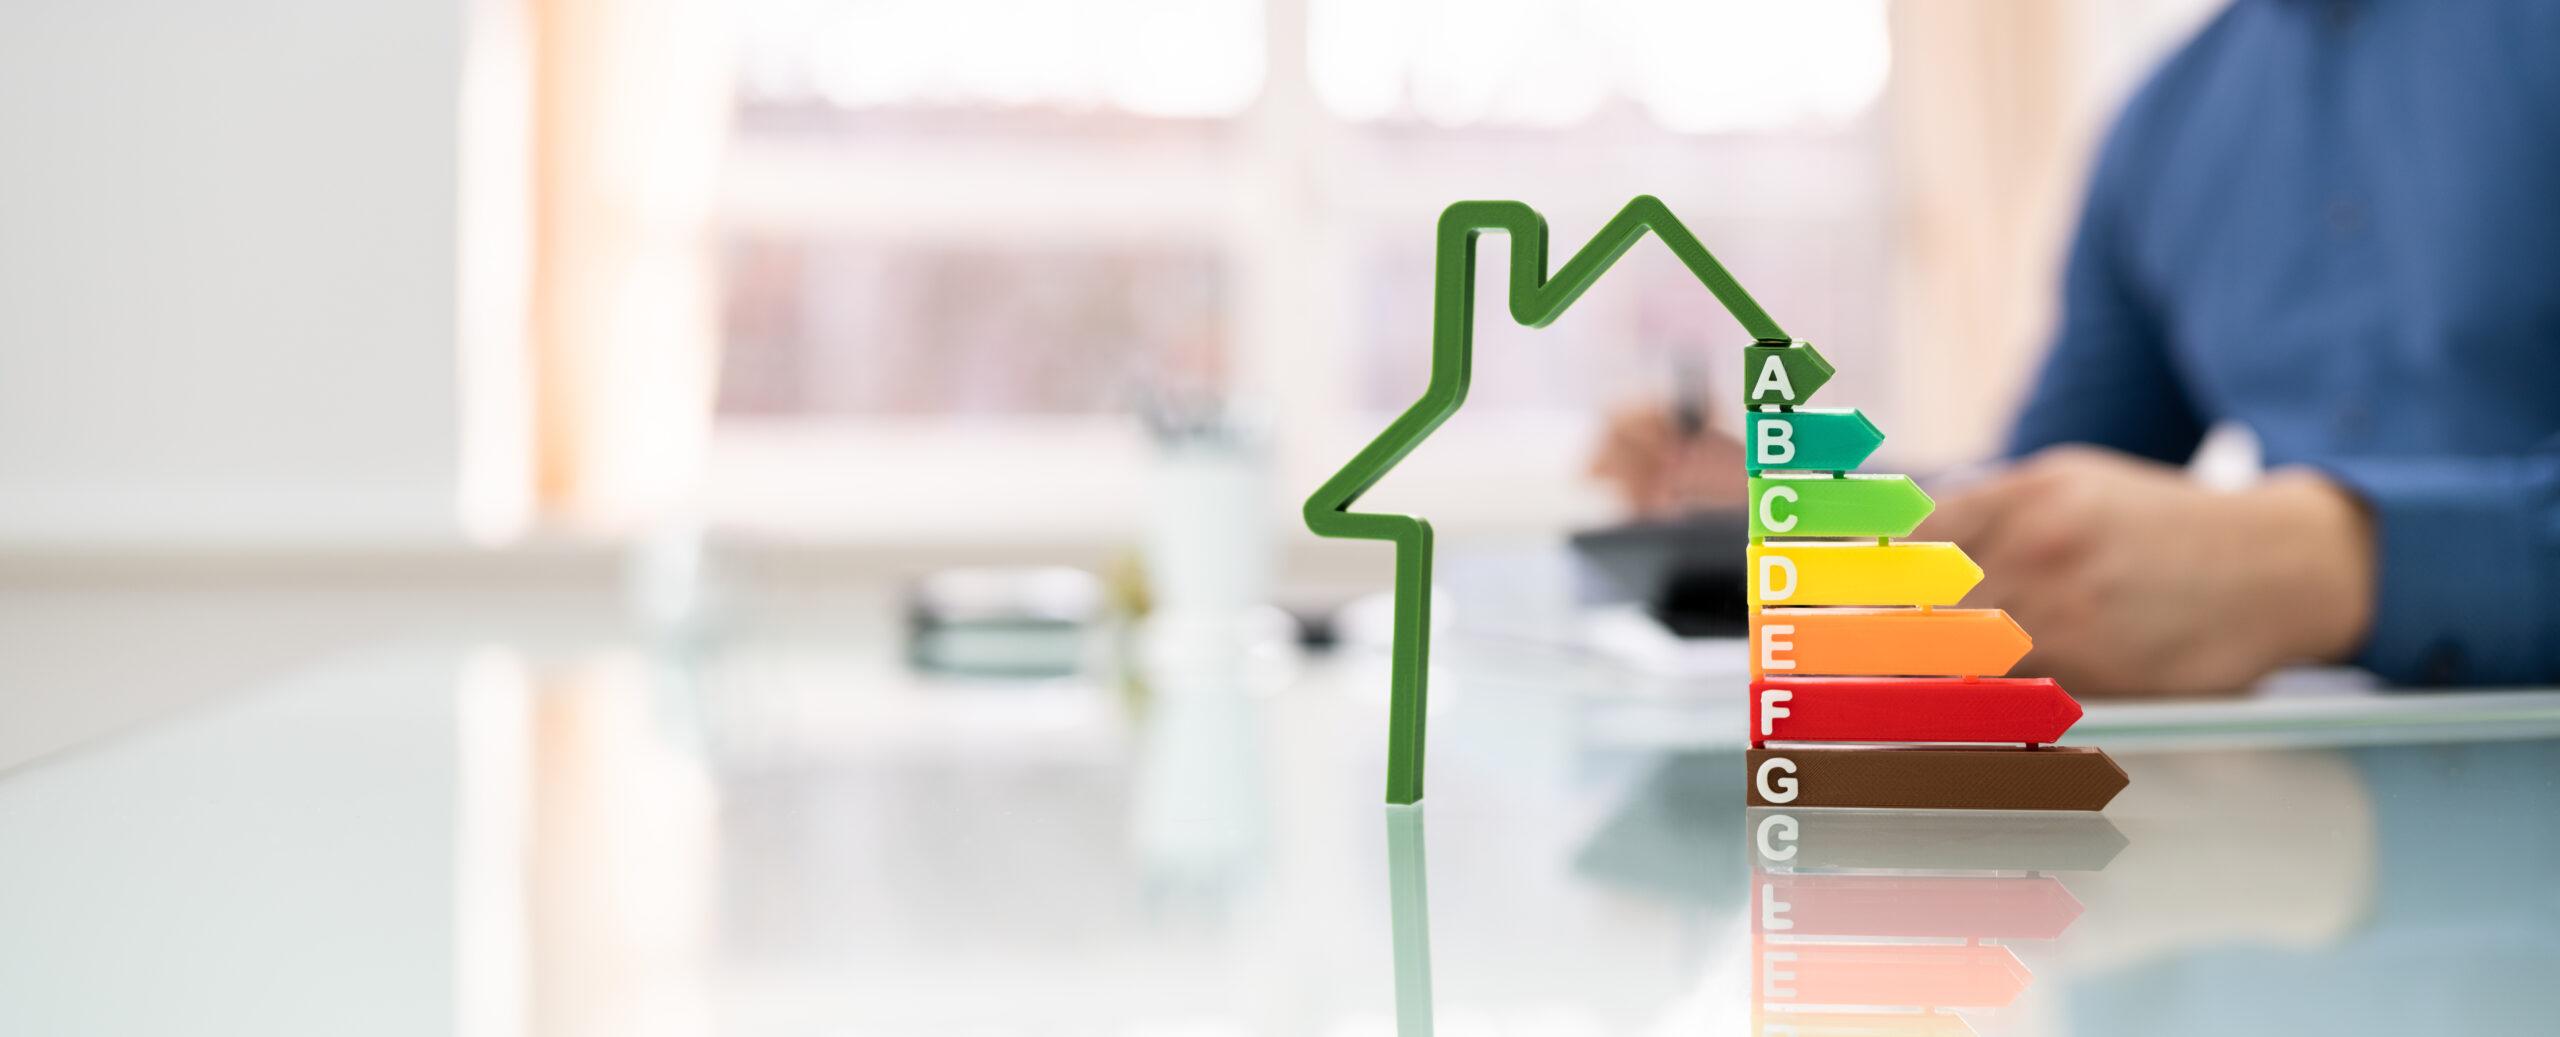 obligation des syndics en rénovation énergétiqueRéalisation audit énergétique ou DPE collectif